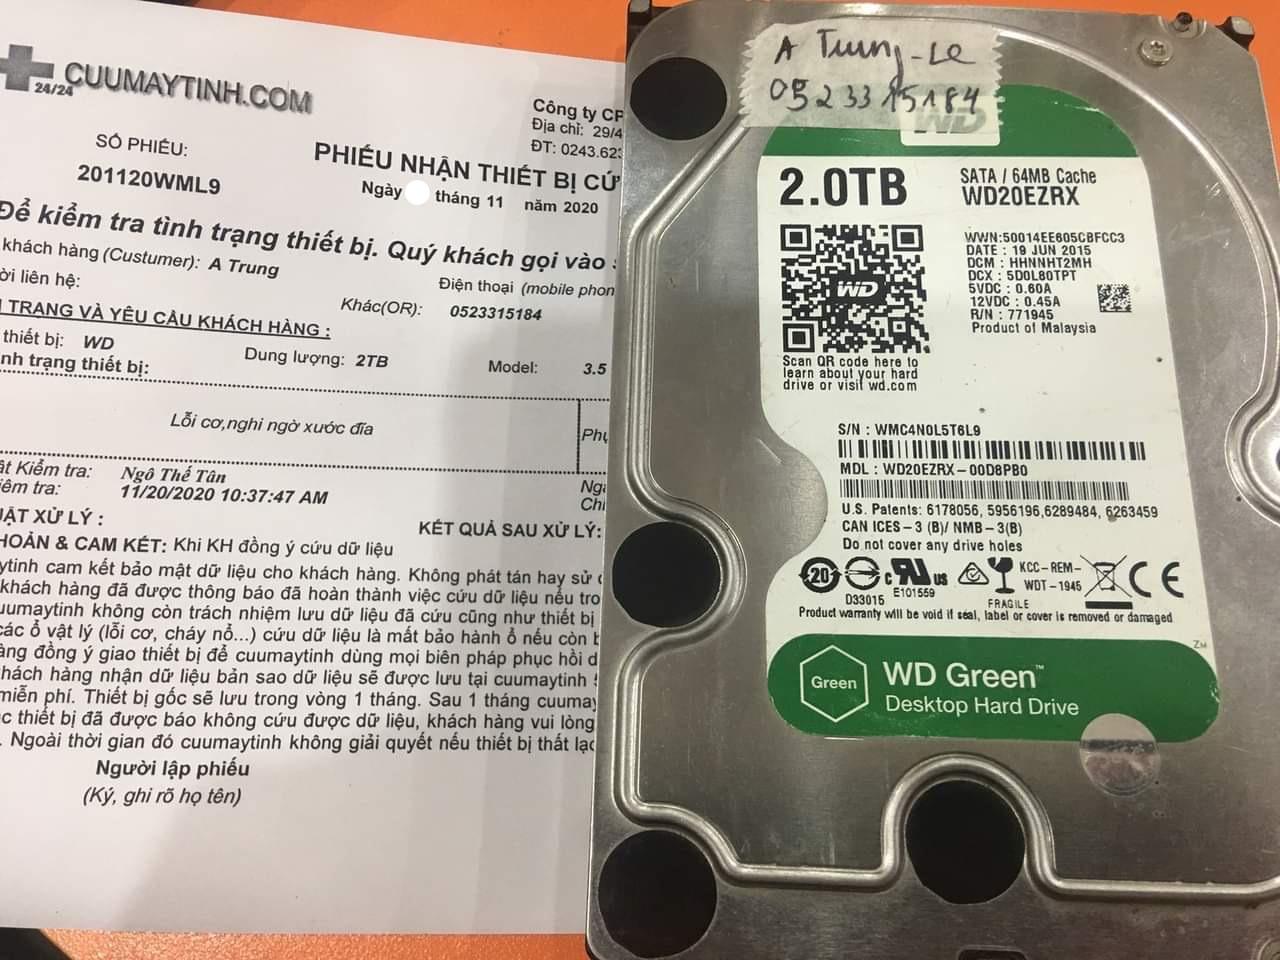 Khôi phục dữ liệu ổ cứng Western 2TB lỗi cơ - 25/11/2020 - cuumaytinh